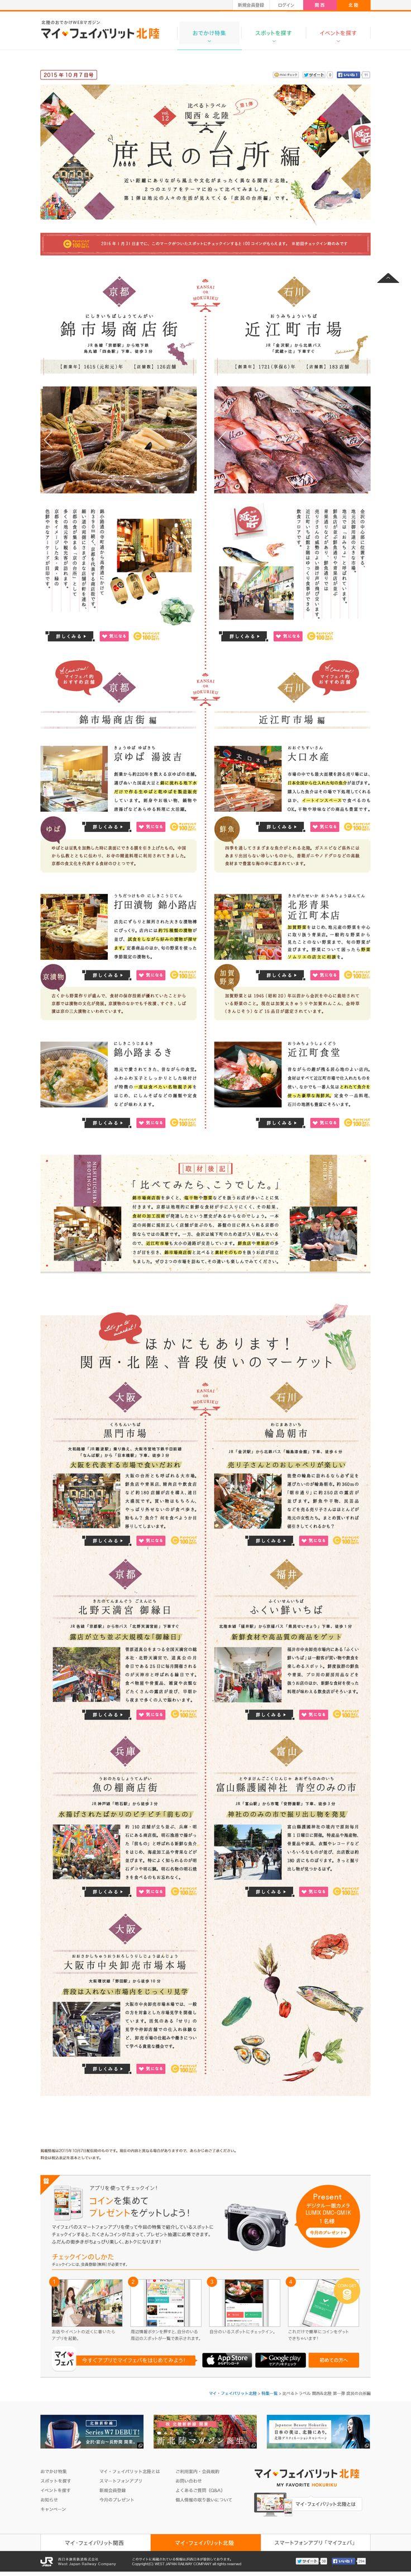 http://hokuriku.my-fav.jp/feature/12/